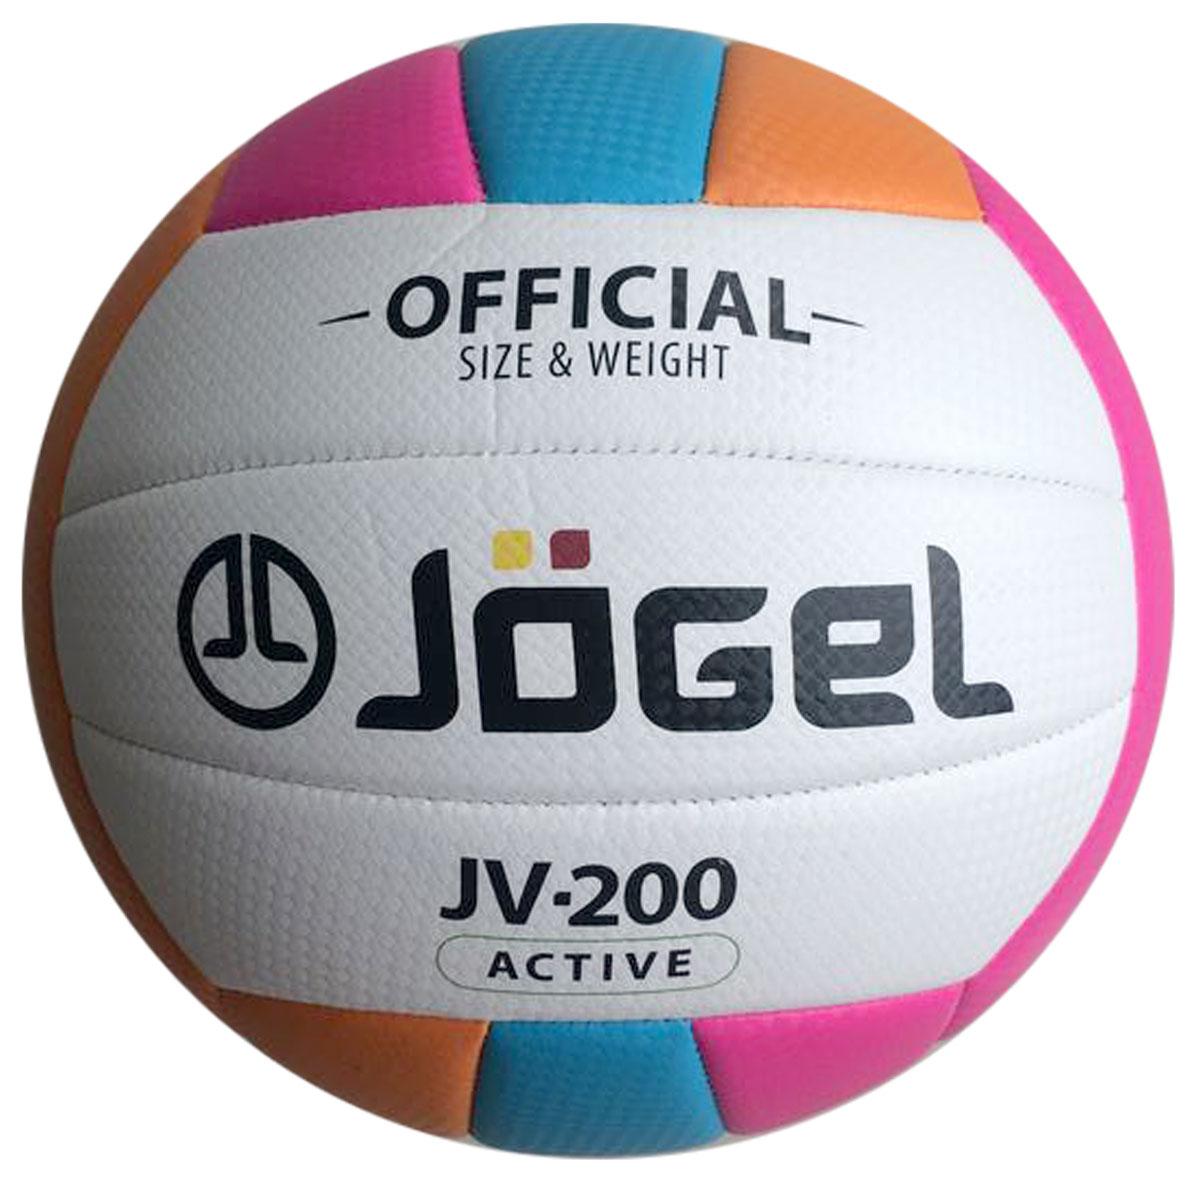 Мяч волейбольный Jogel, цвет: голубой, оранжевый, розовый. Размер 5. JV-200 паркет цвет голубой